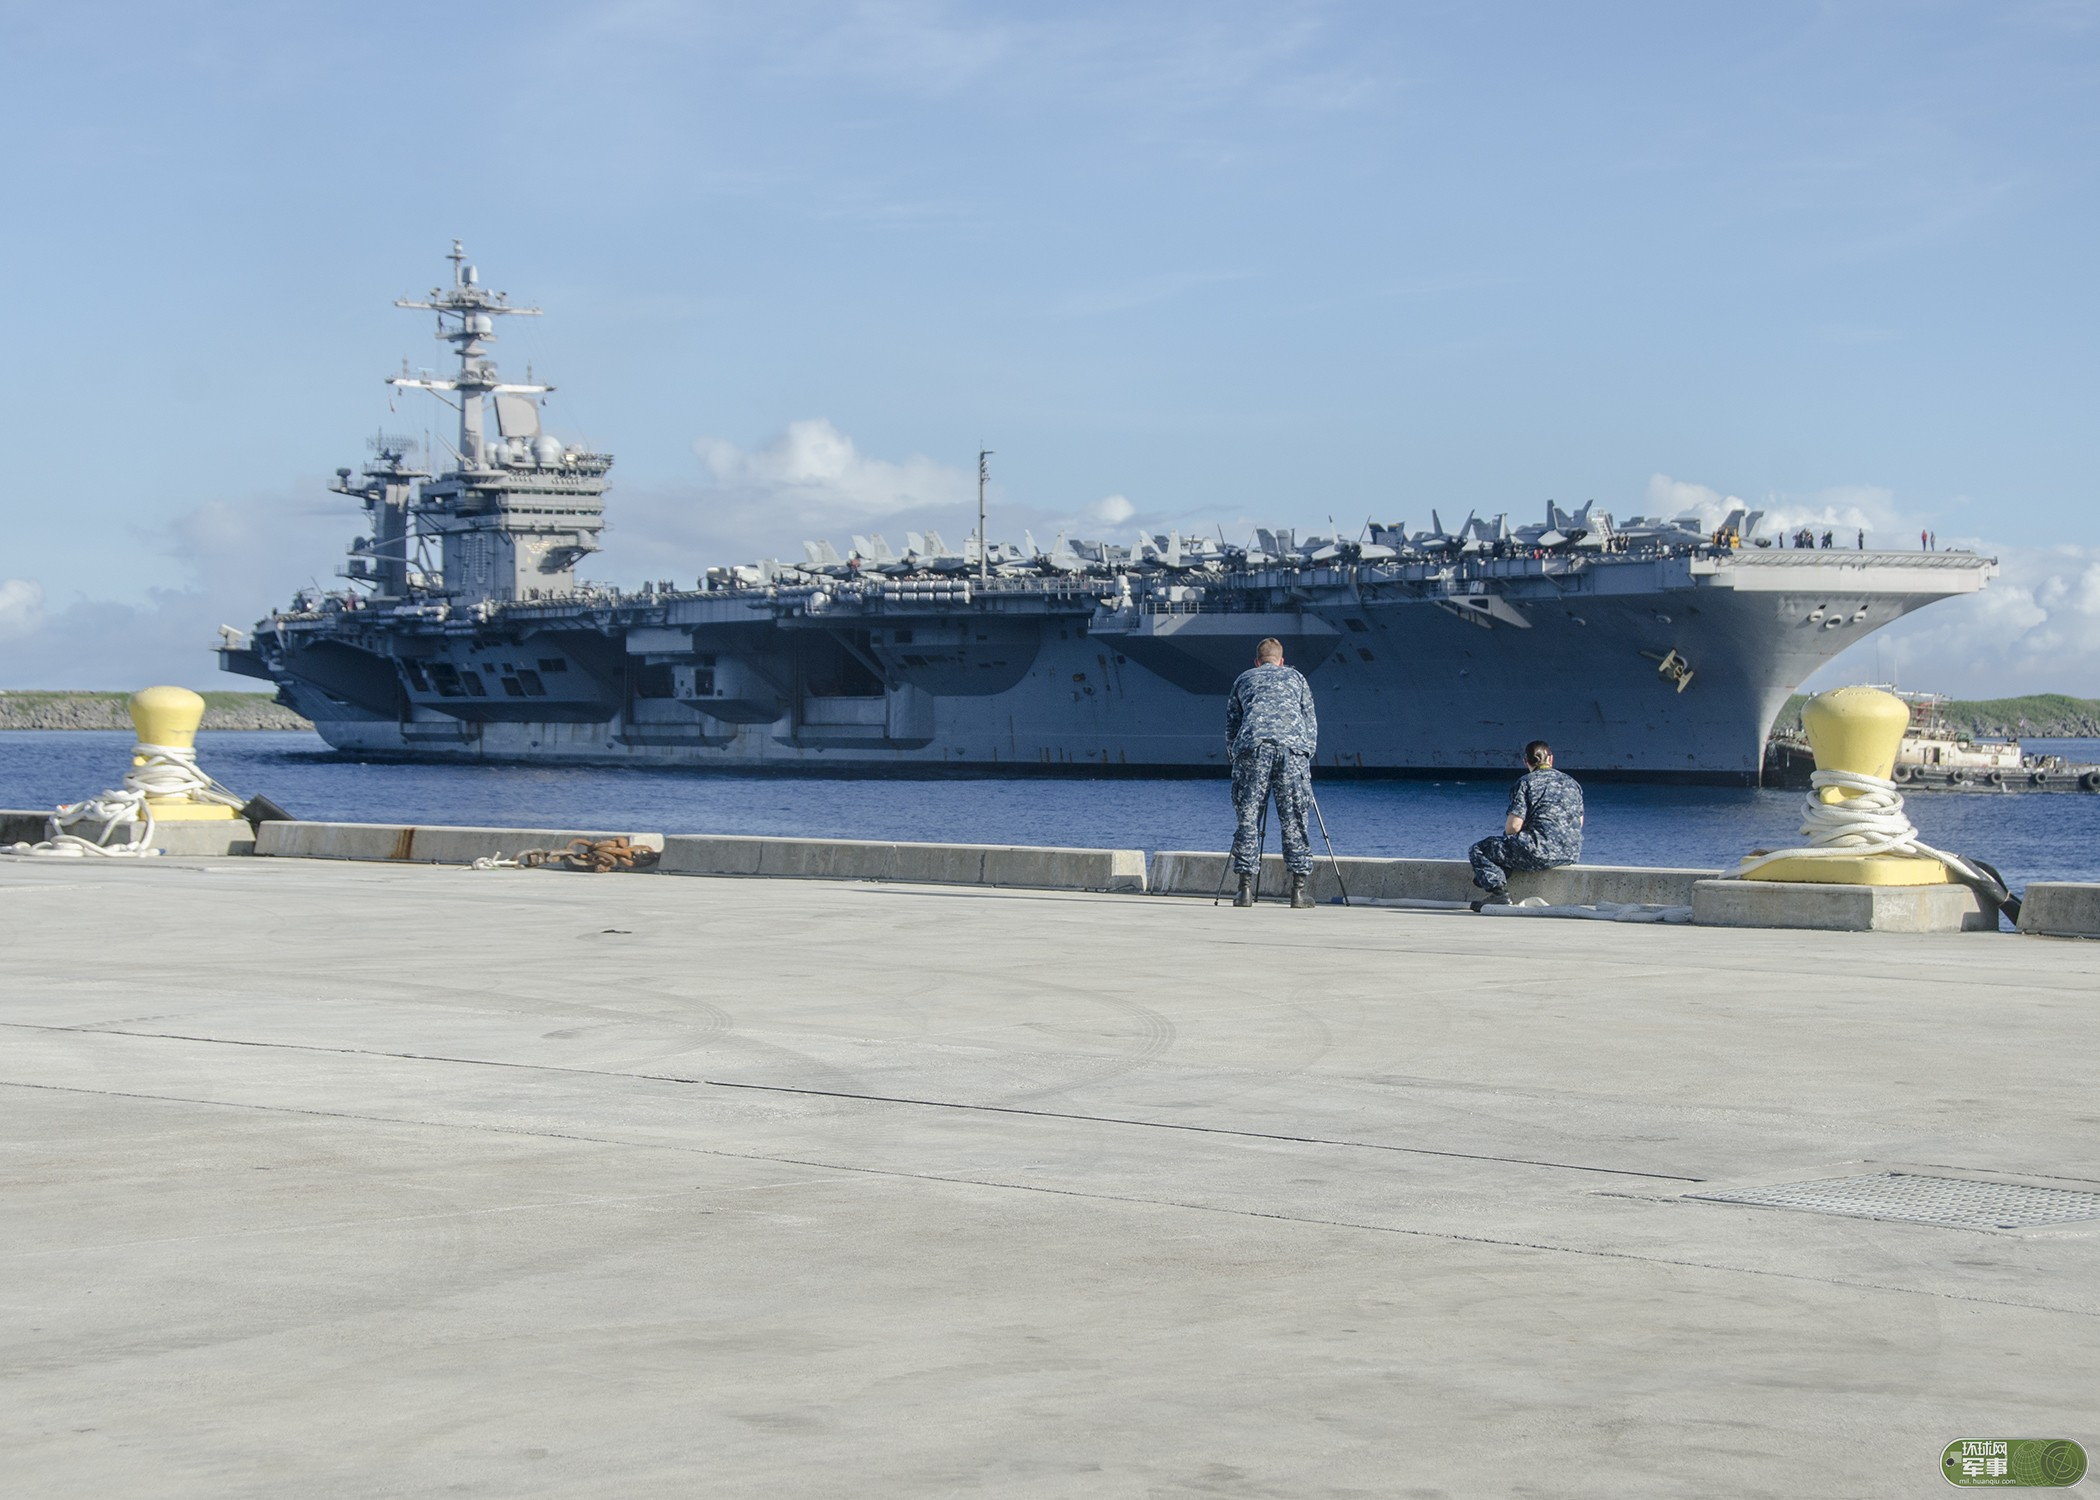 美核动力航母战斗群开进南海 被疑试探中国反应